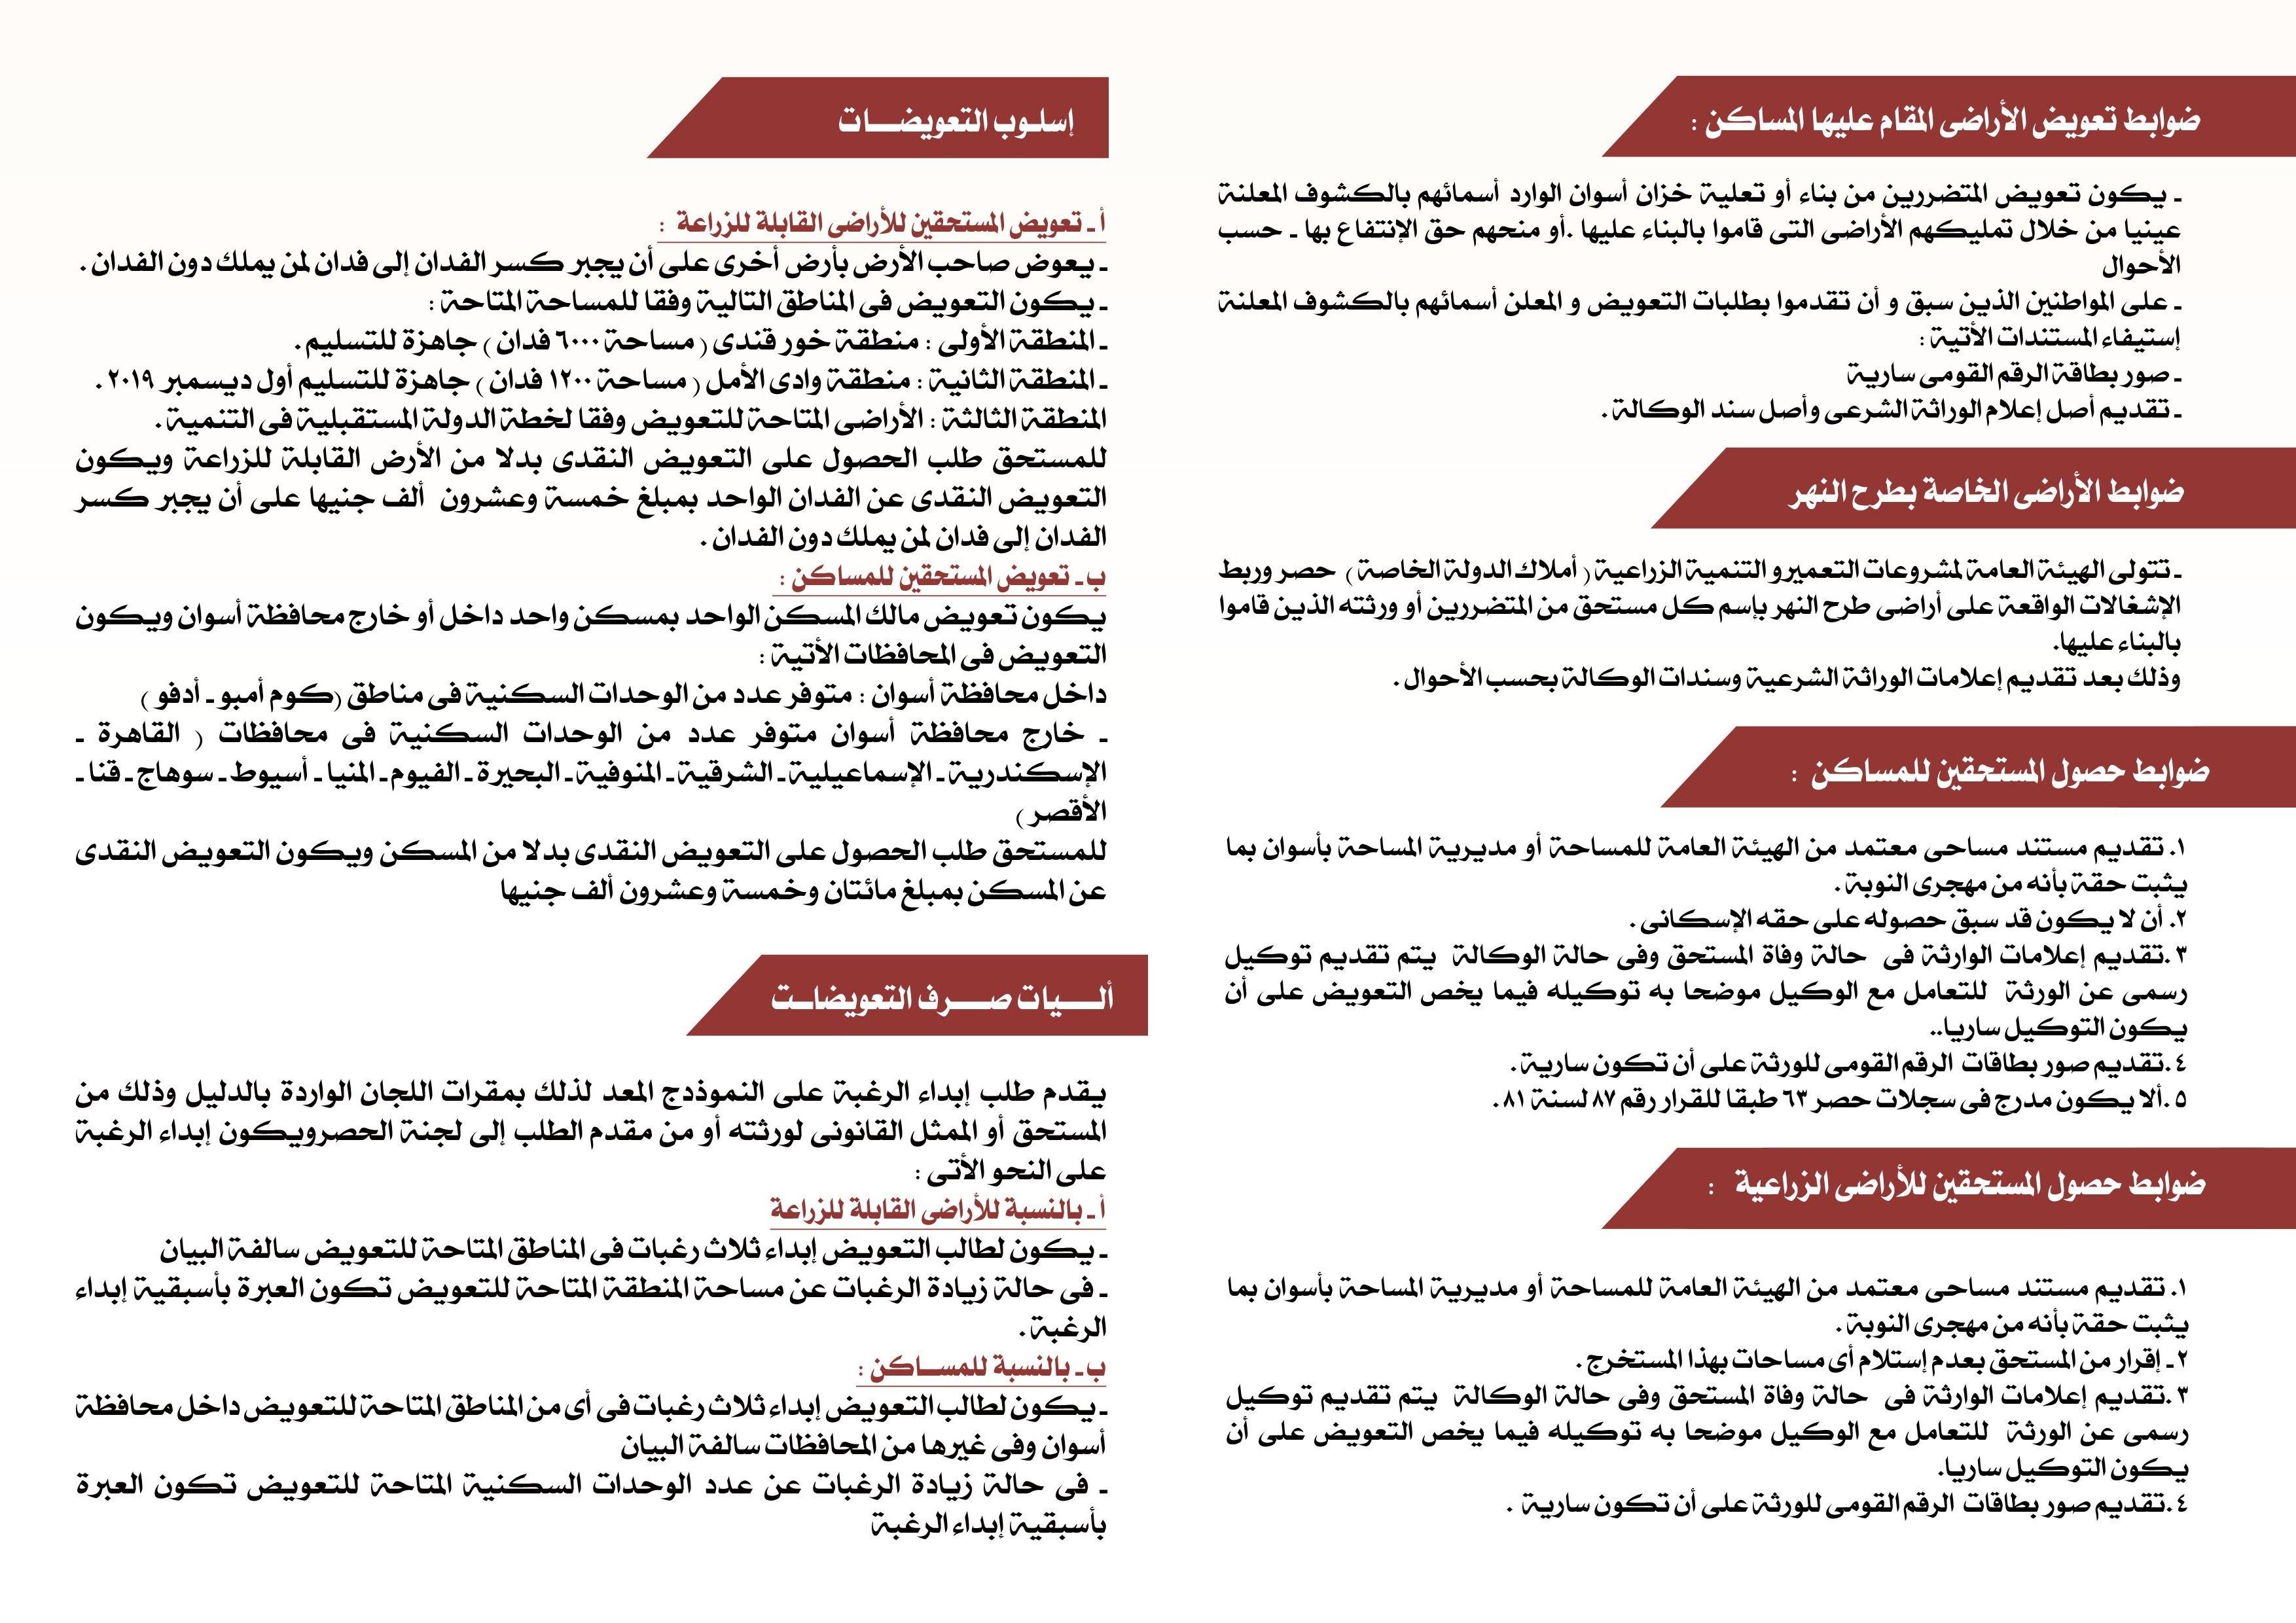 أماكن تقديم الطلبات (2)